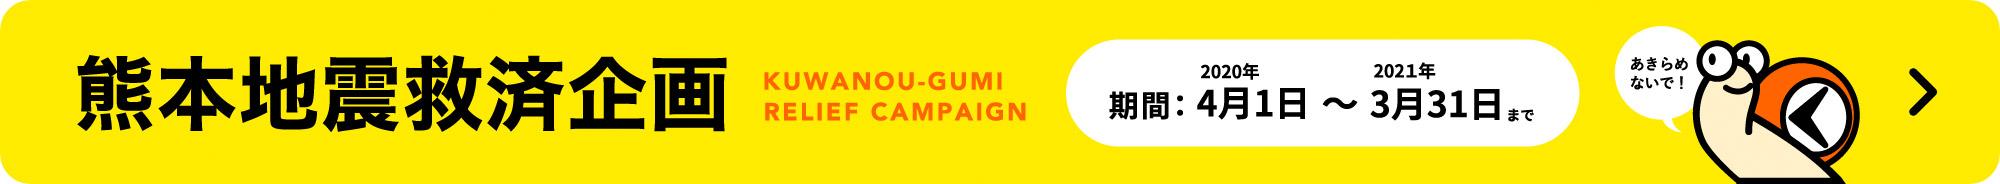 熊本地震救済企画